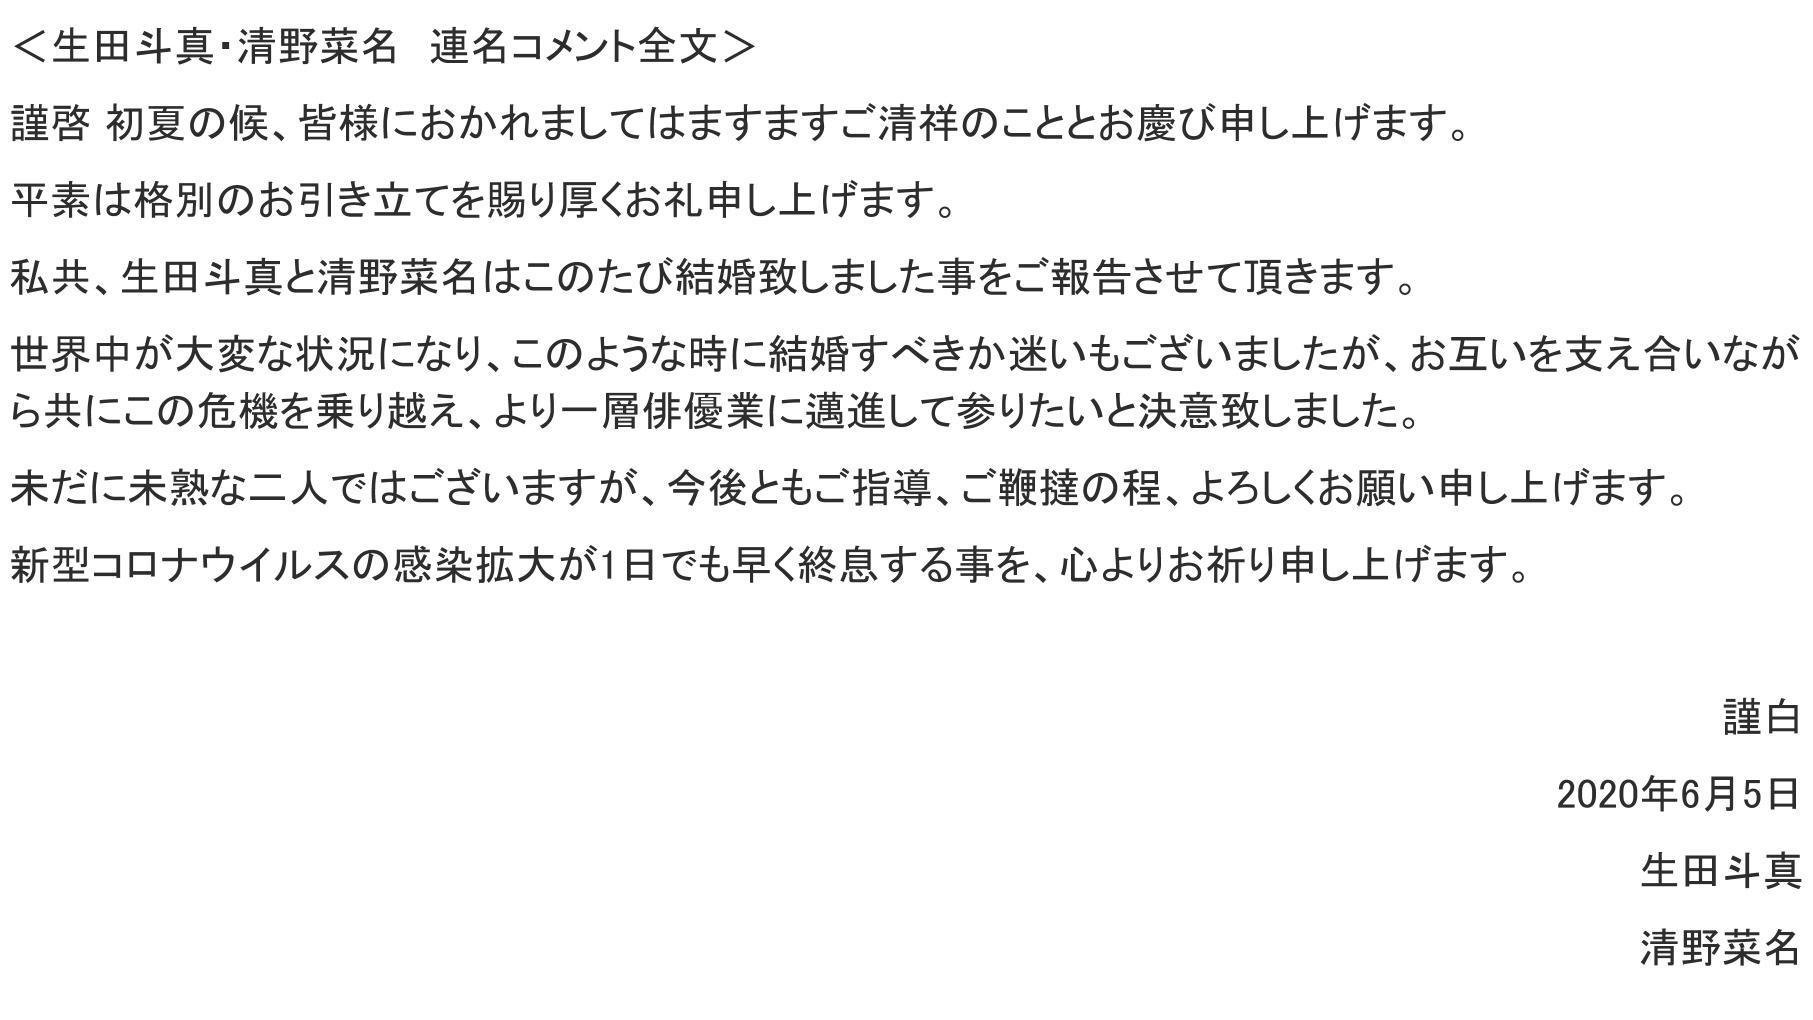 生田斗真 清野菜名 结婚